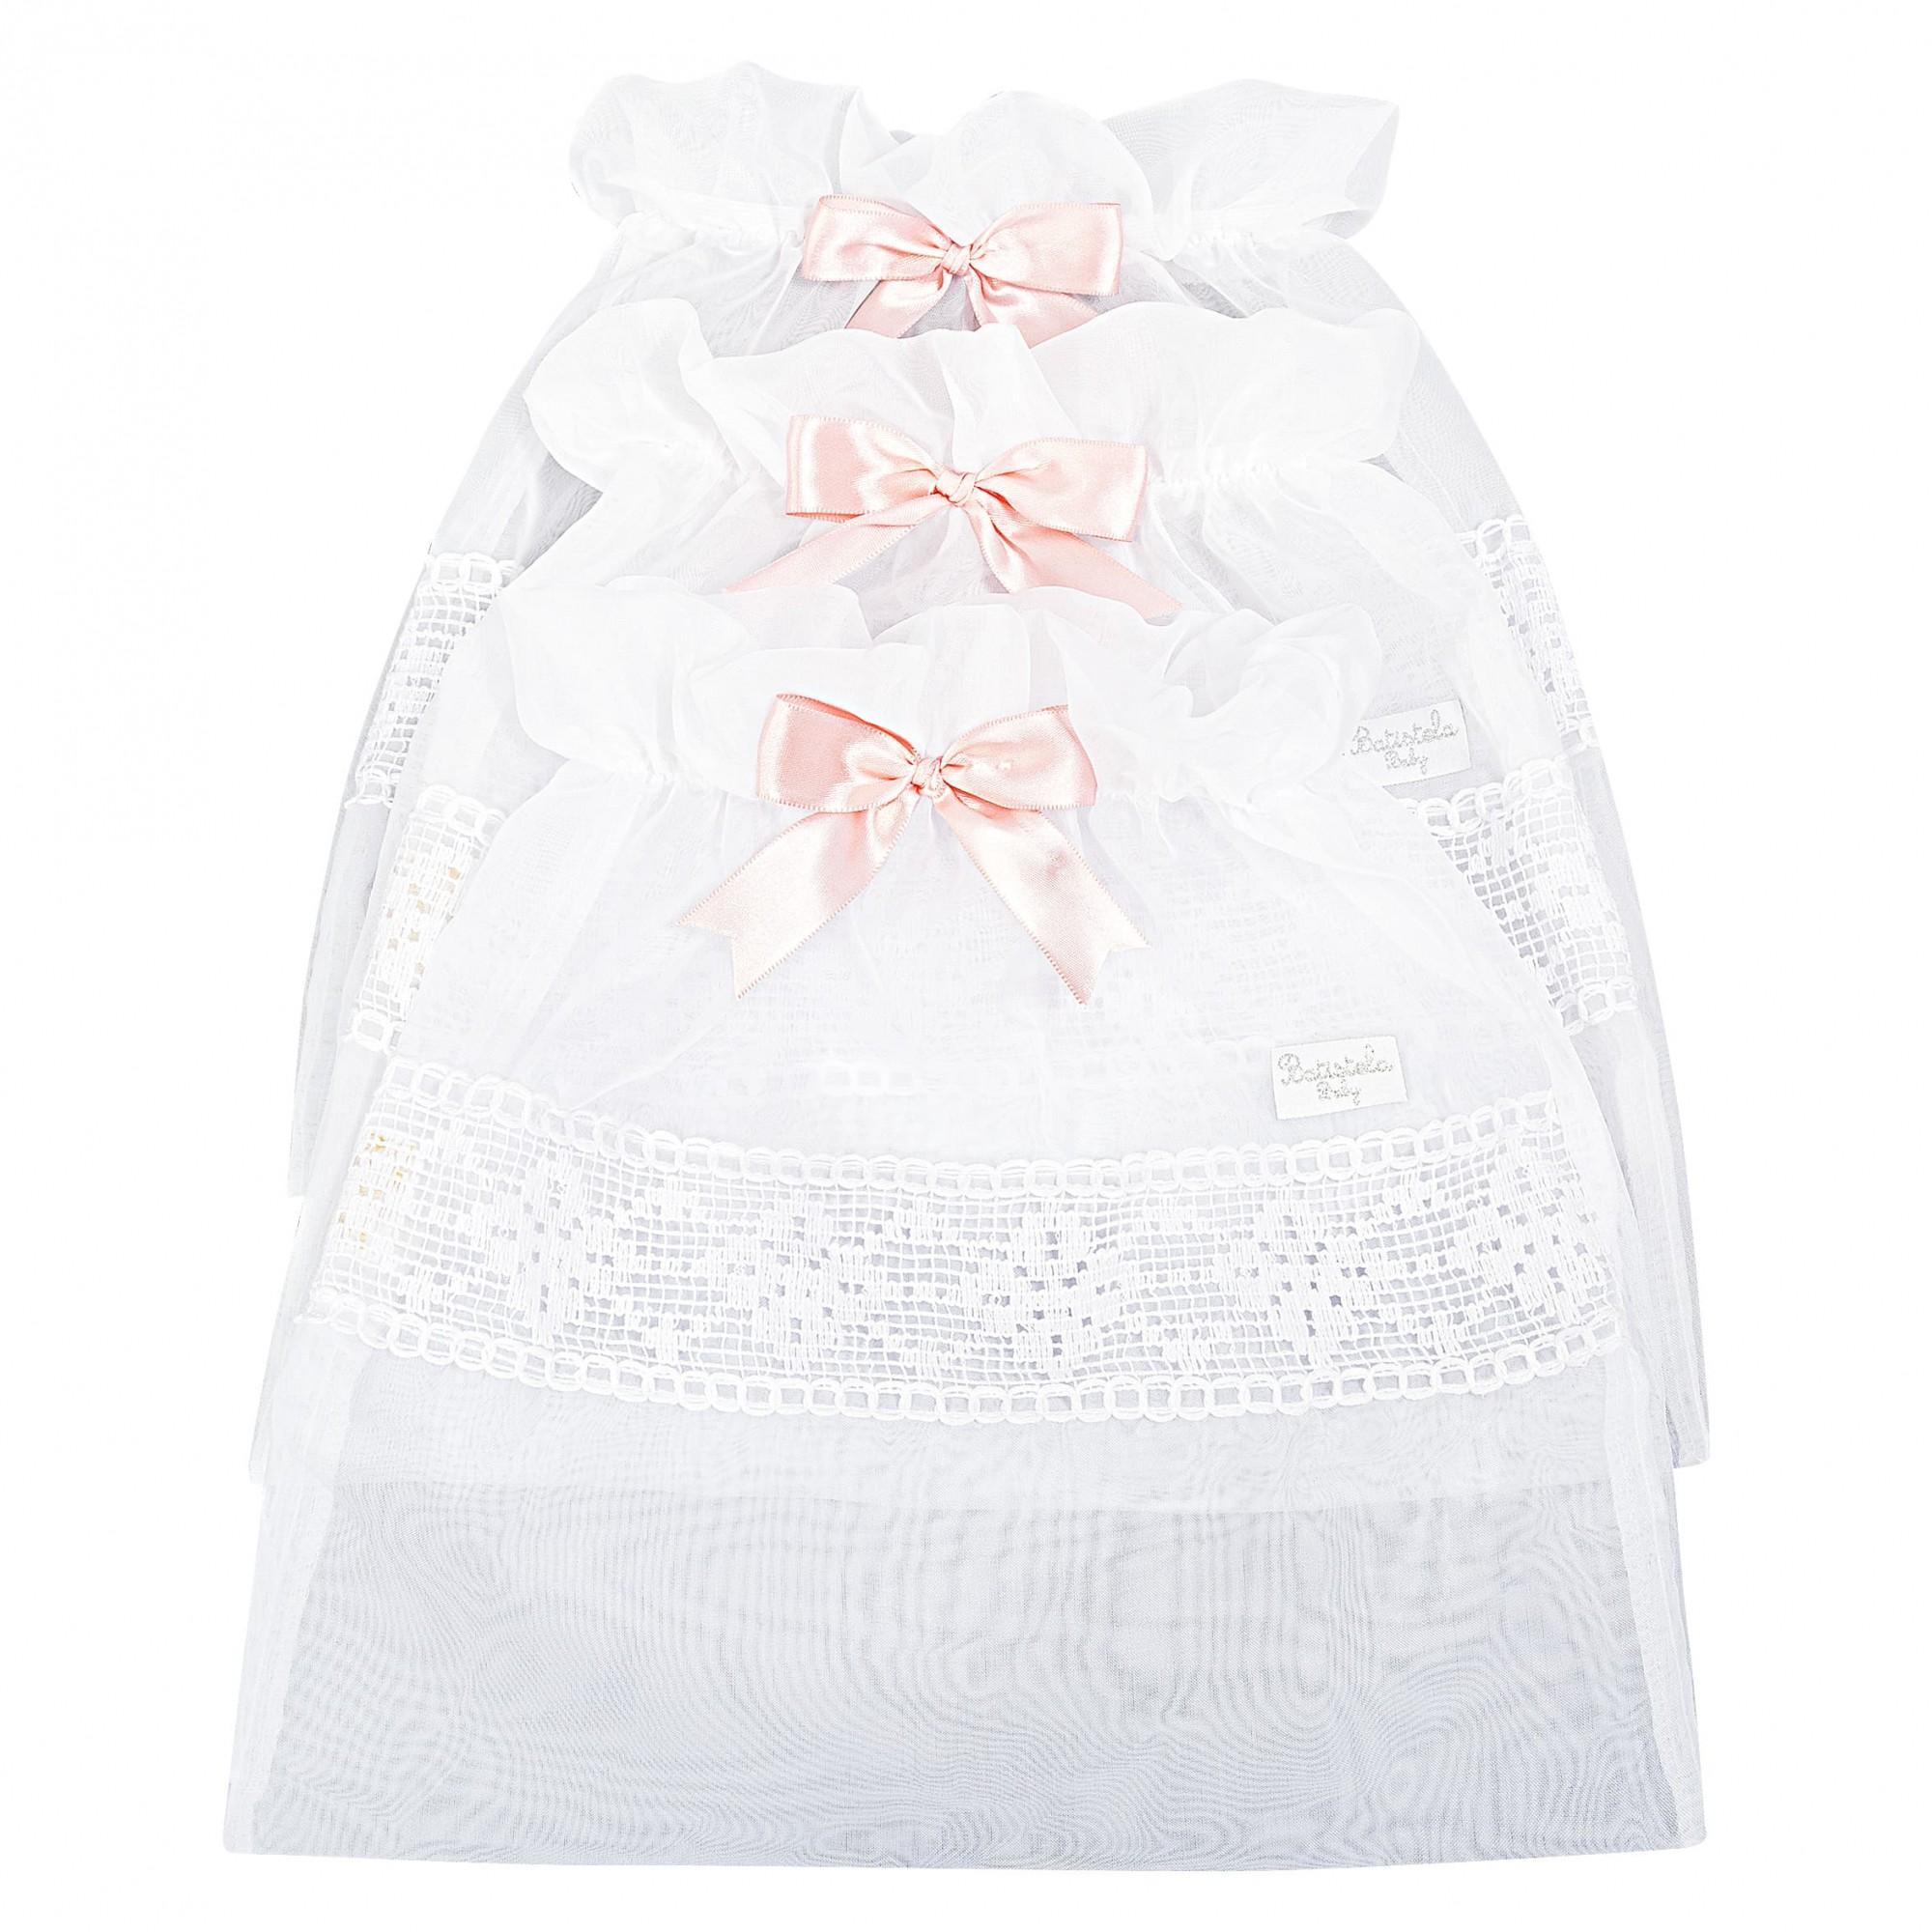 Saquinho Maternidade 3 Peças - Rosa Batistela Baby